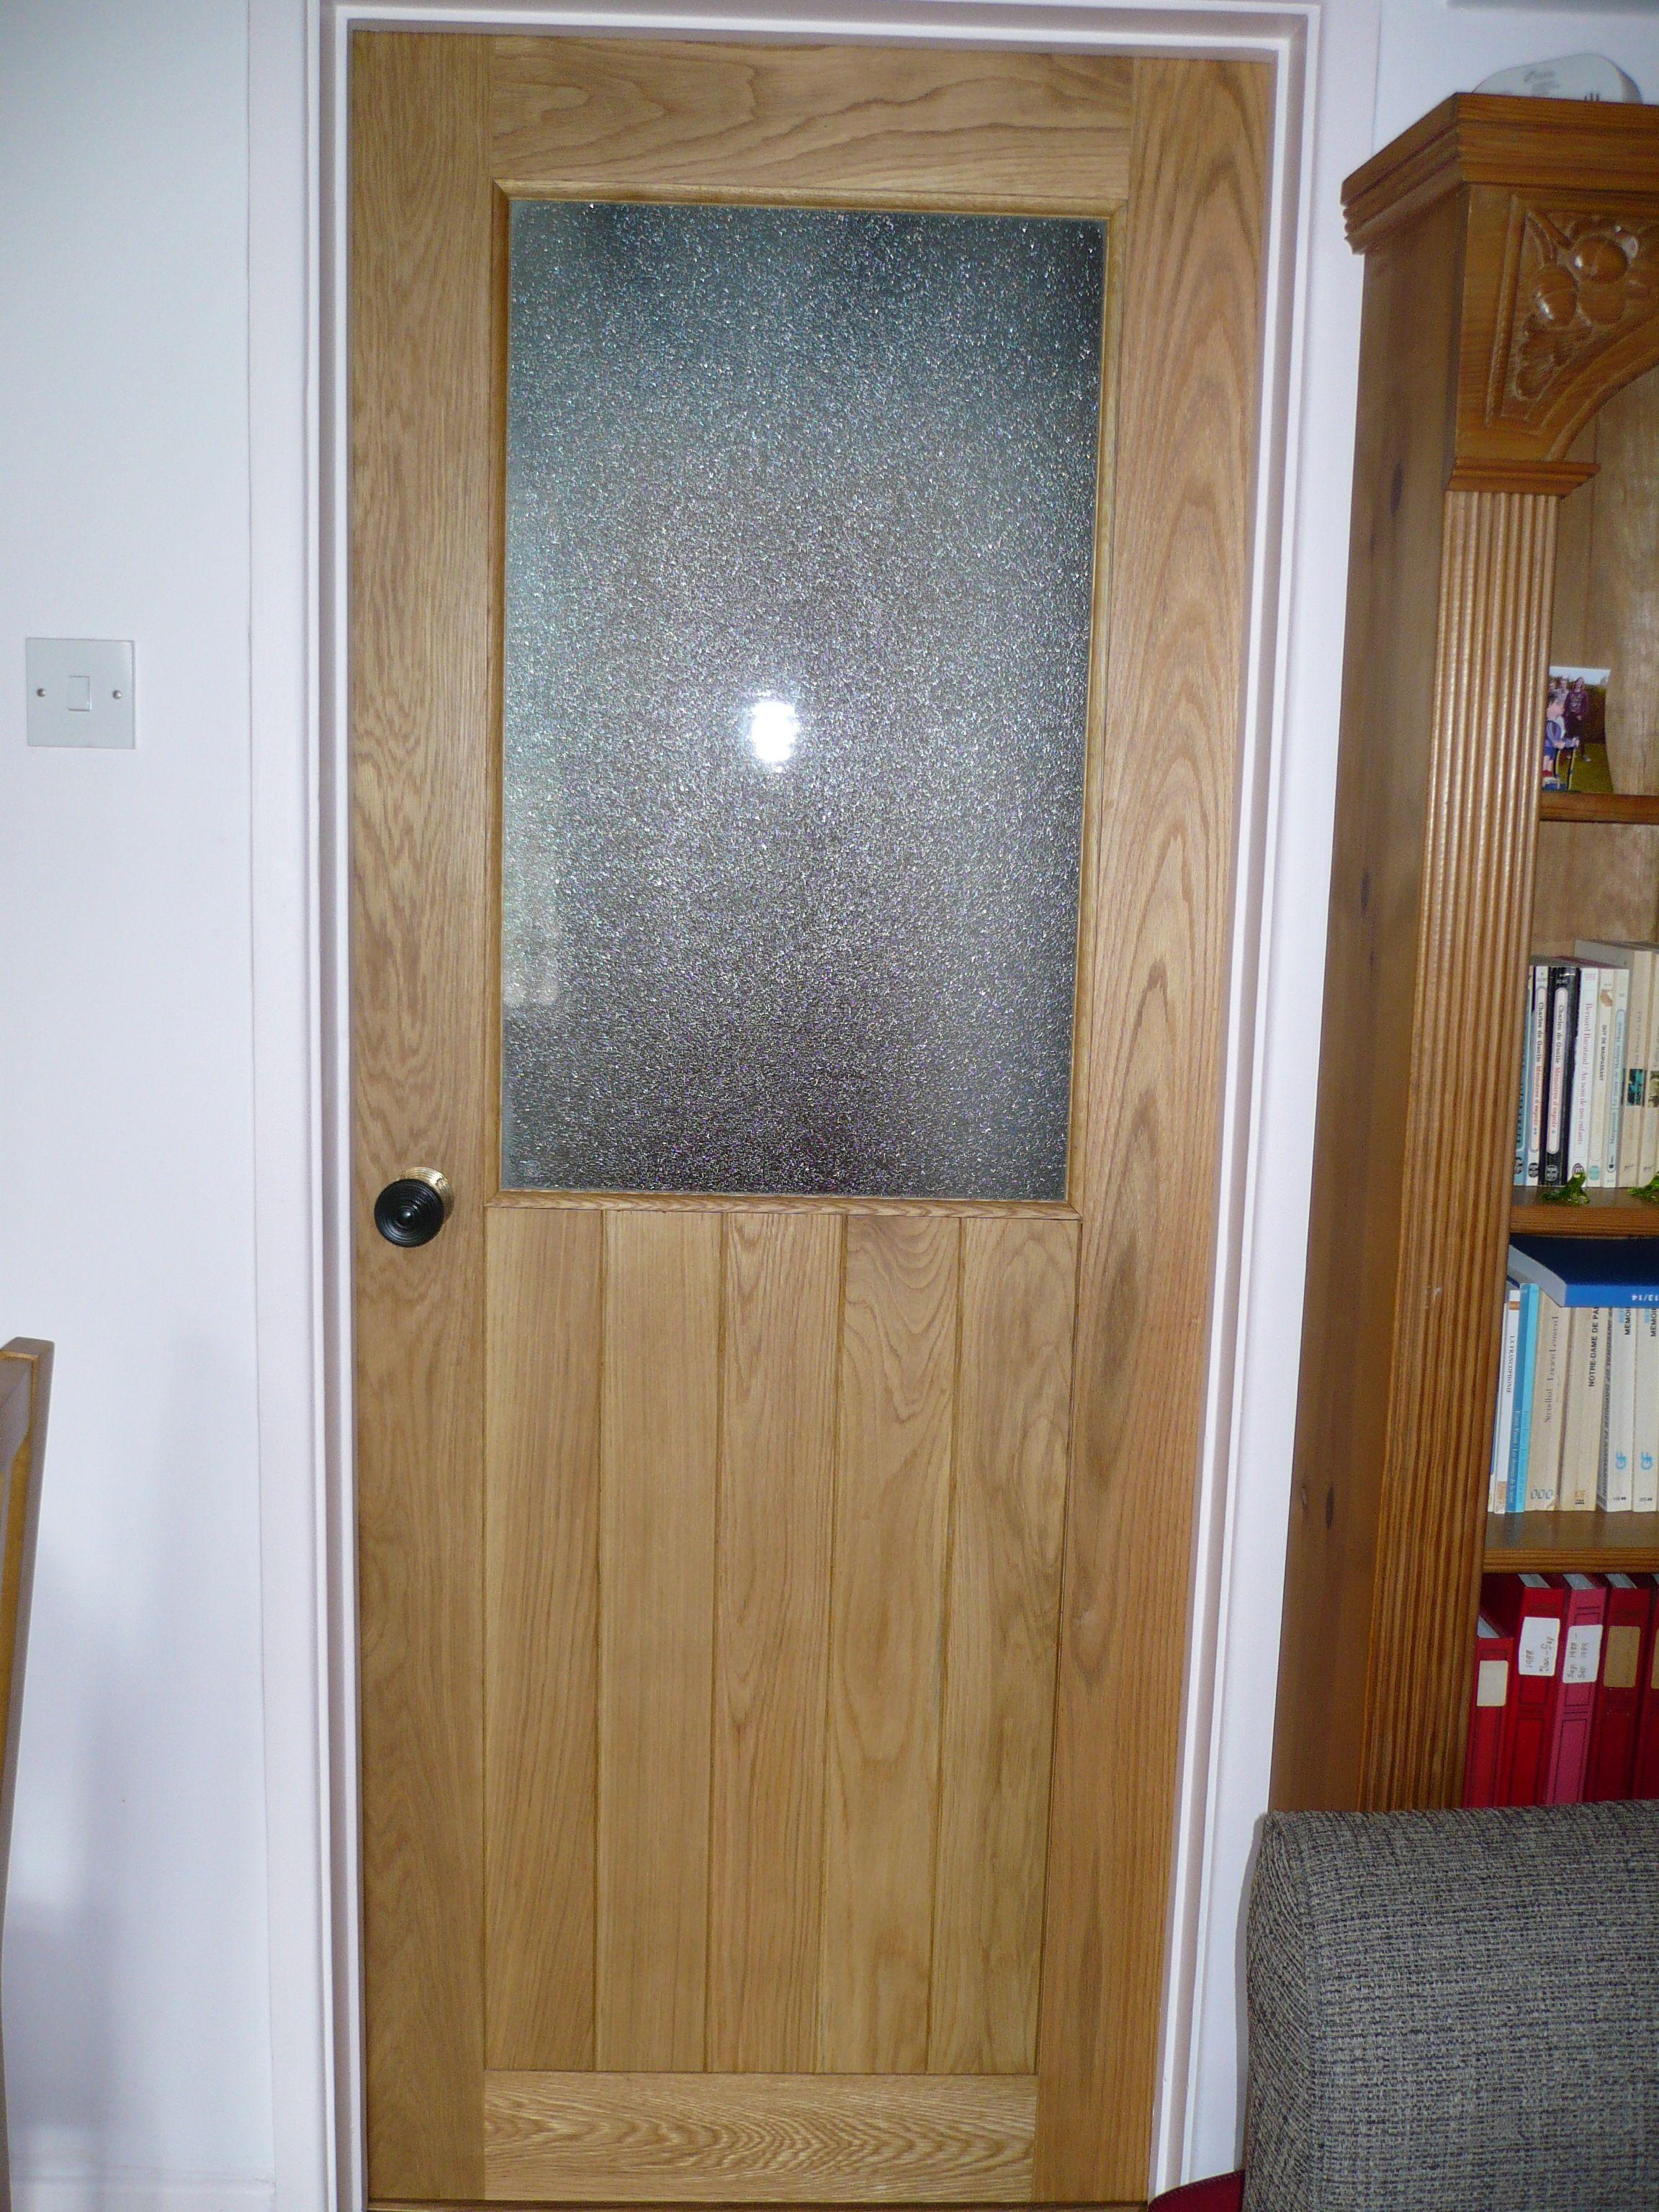 Ledge and brace oak doors - Solid Oak Glazed Suffolk Internal Door Oak Suffolk Traditional Door Frame And Ledge Glazed